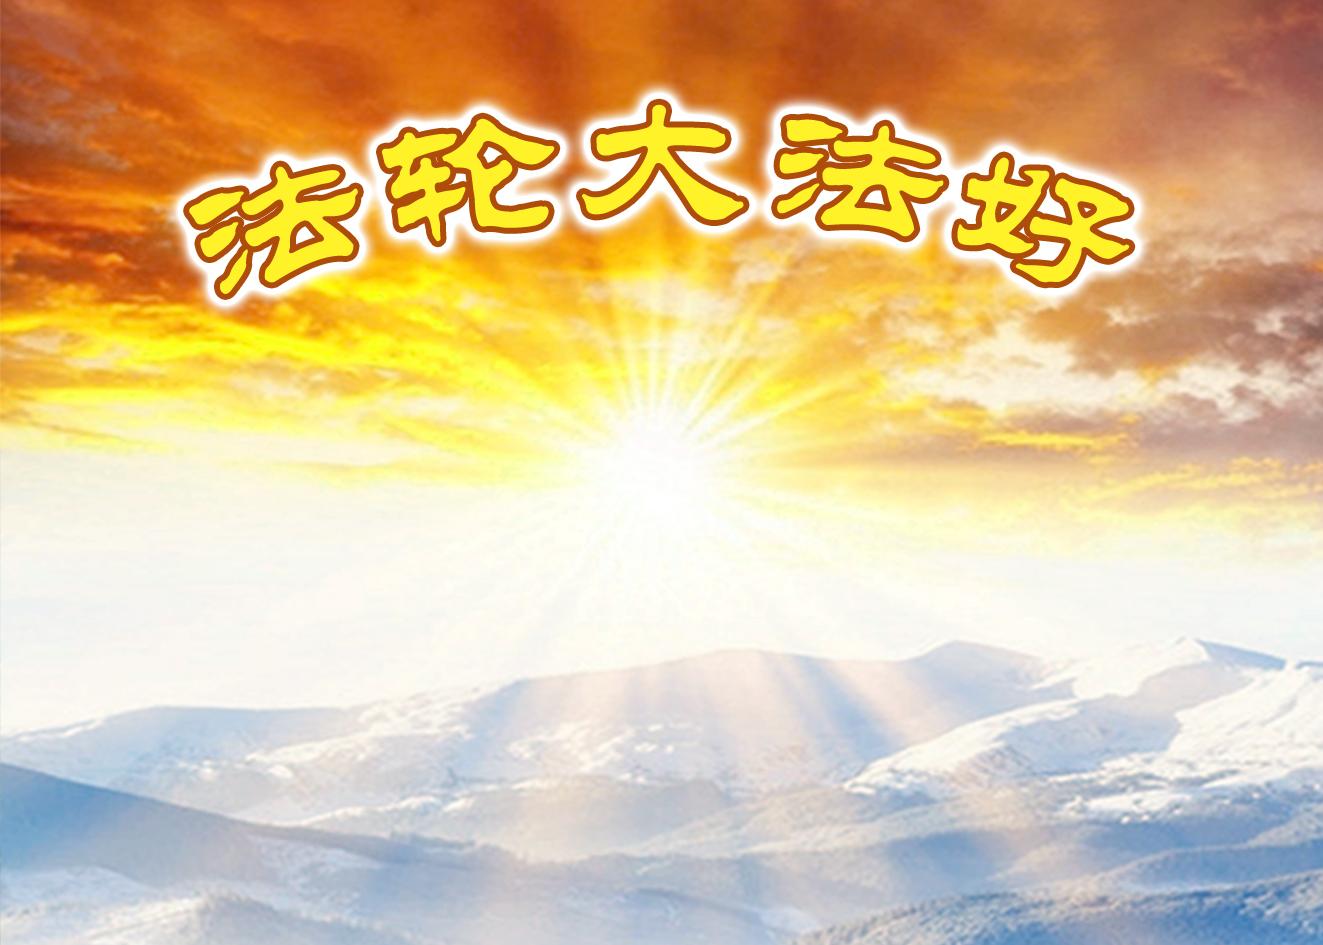 世界各族裔民眾感恩法輪大法創始人李洪志大師,讚頌大法的美好。(明慧網)